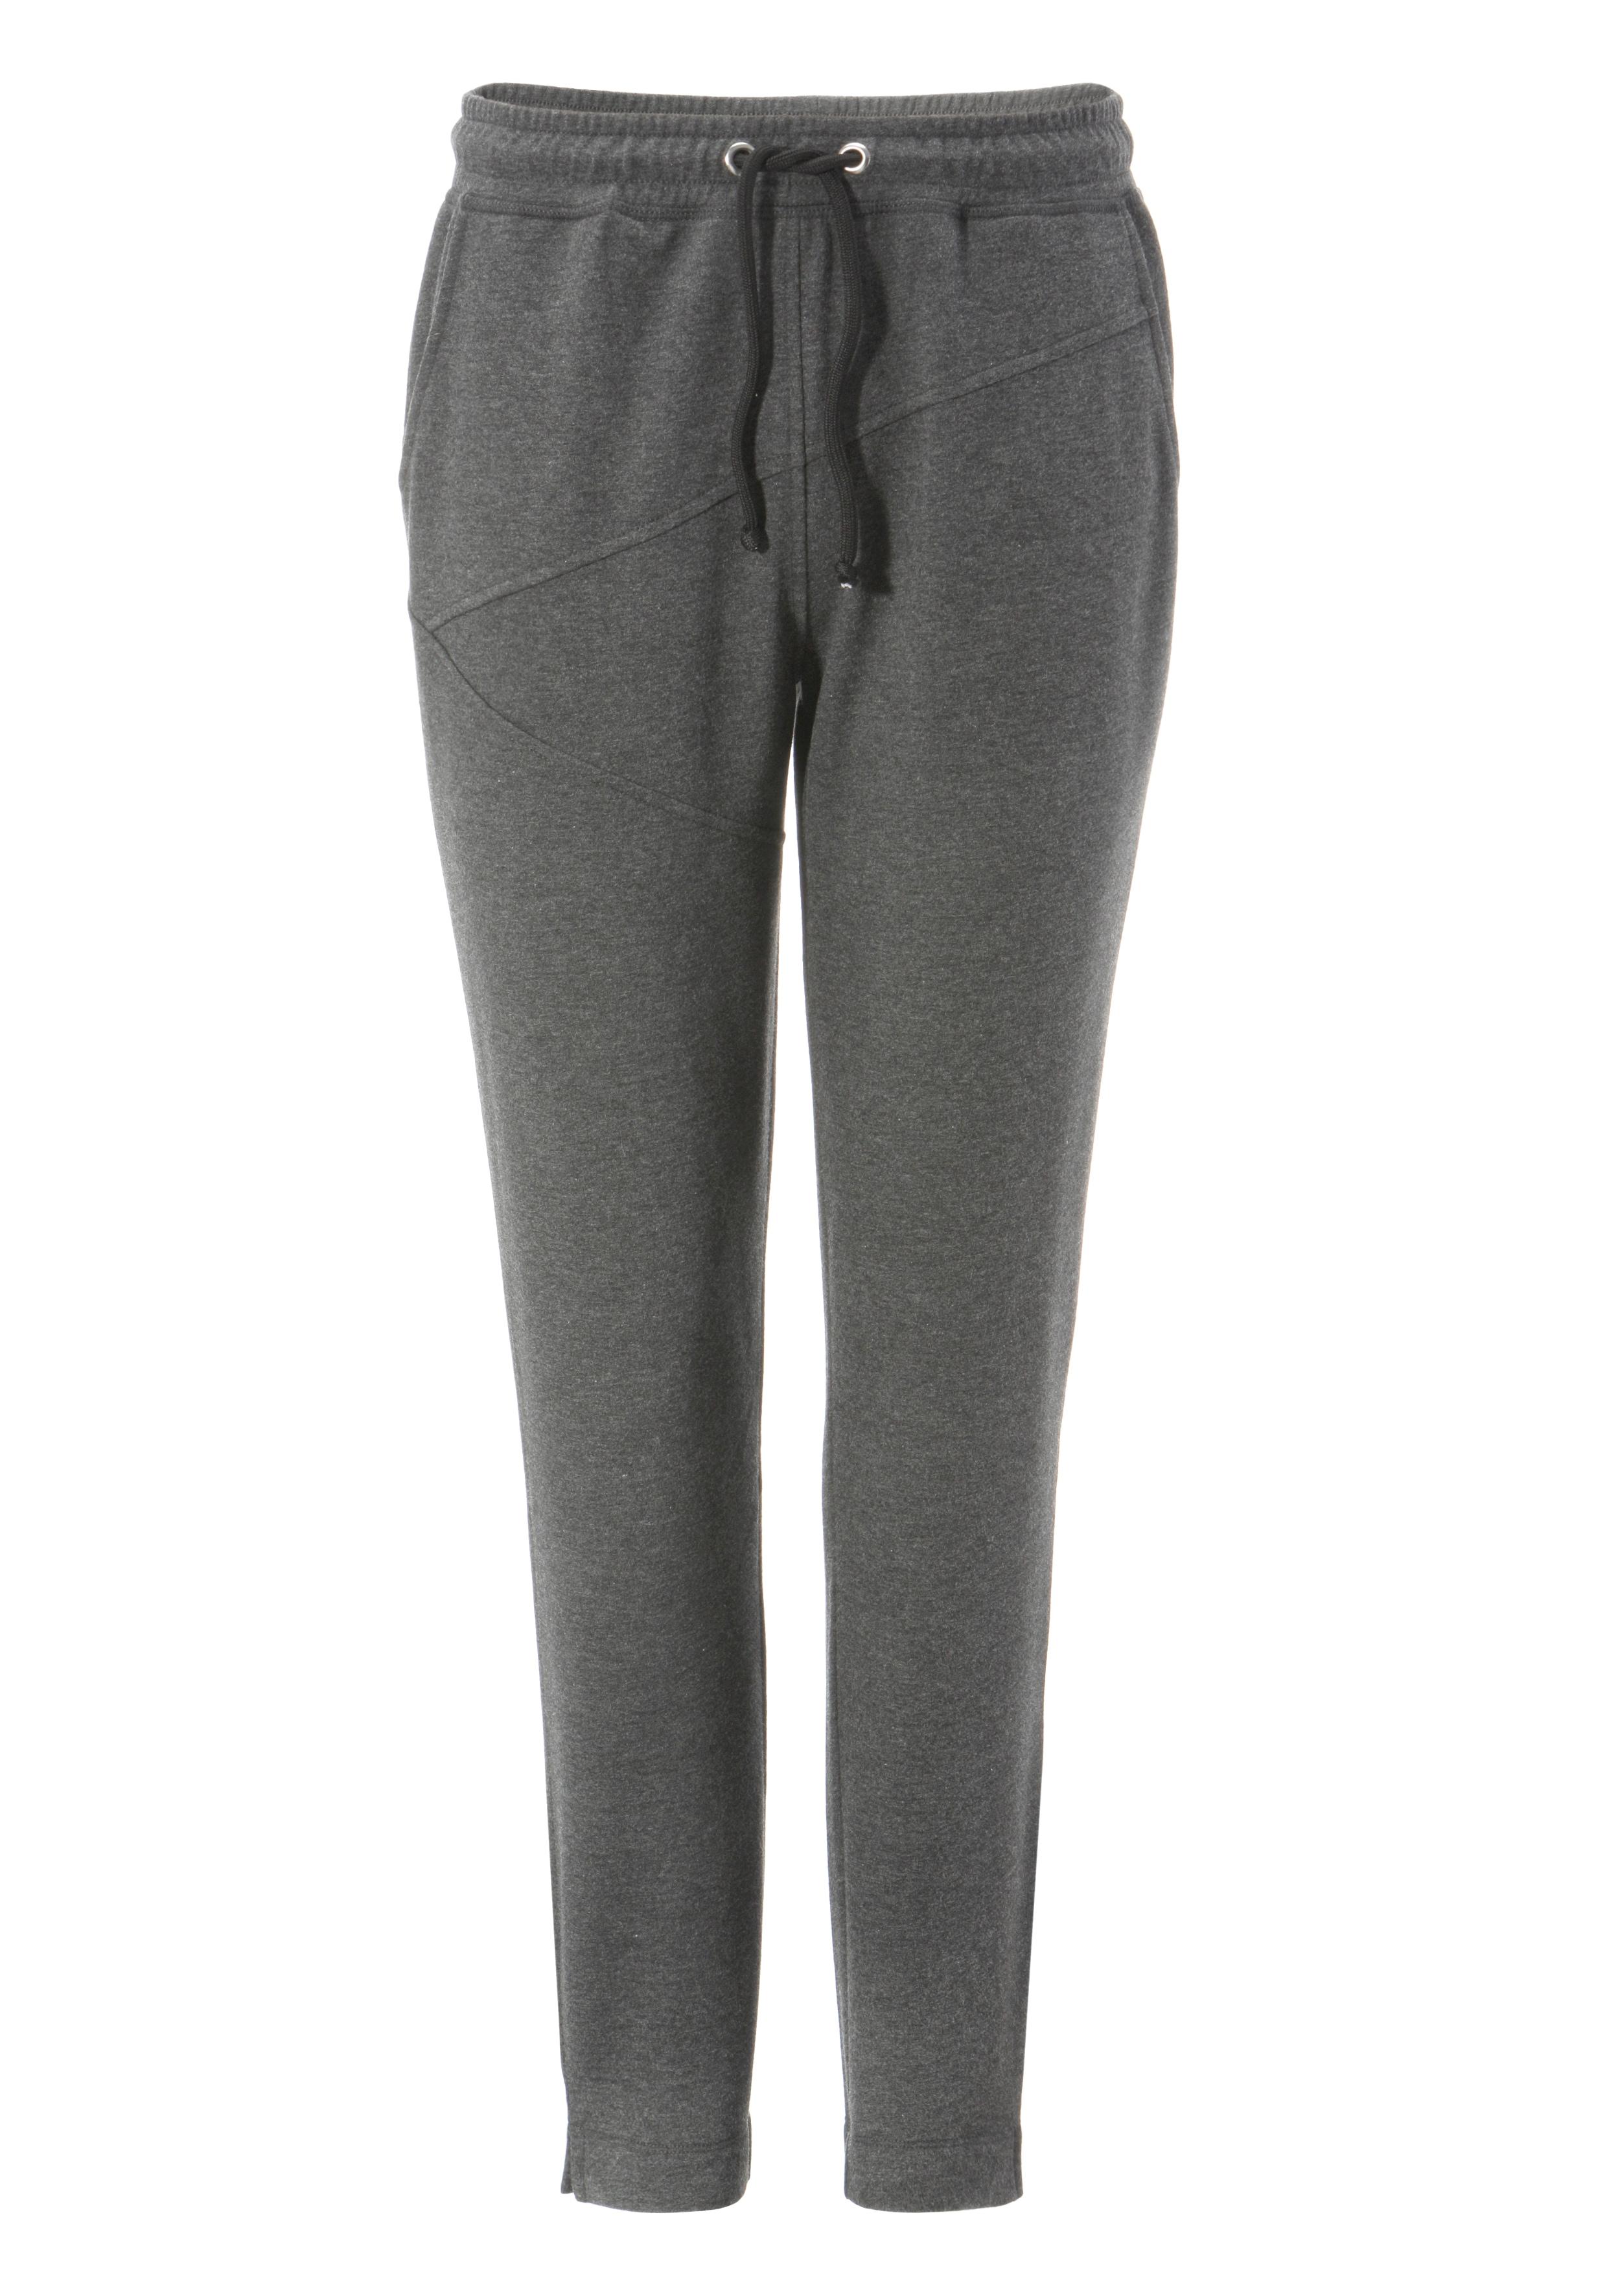 aniston casual -  Jogger Pants, mit kleinen Schlitz am Beinabschluss - NEUE KOLLEKTION